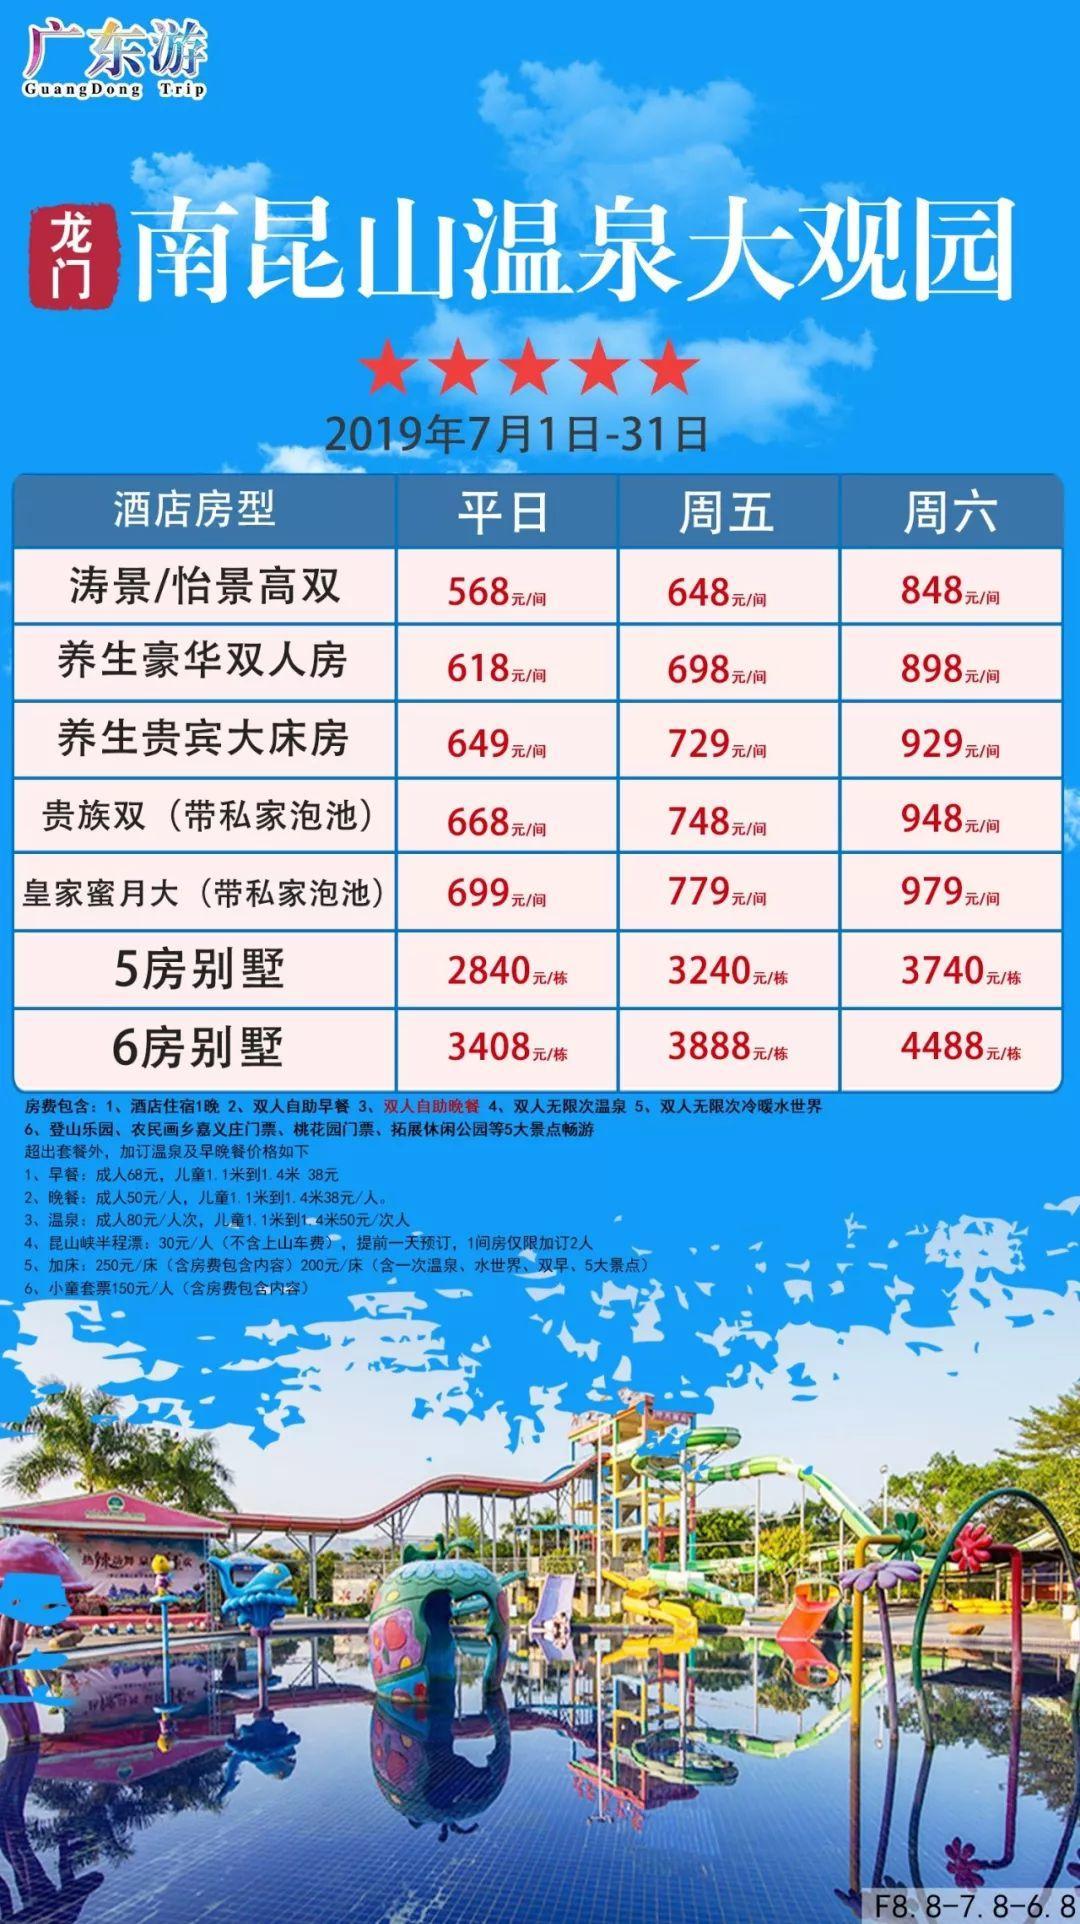 七月暑假,省内快乐自驾!暑假已经拉开帷幕,又到了新一季的旅游旺季,广东游客最喜欢的豪华海景酒店、品质温泉酒店精选推荐!